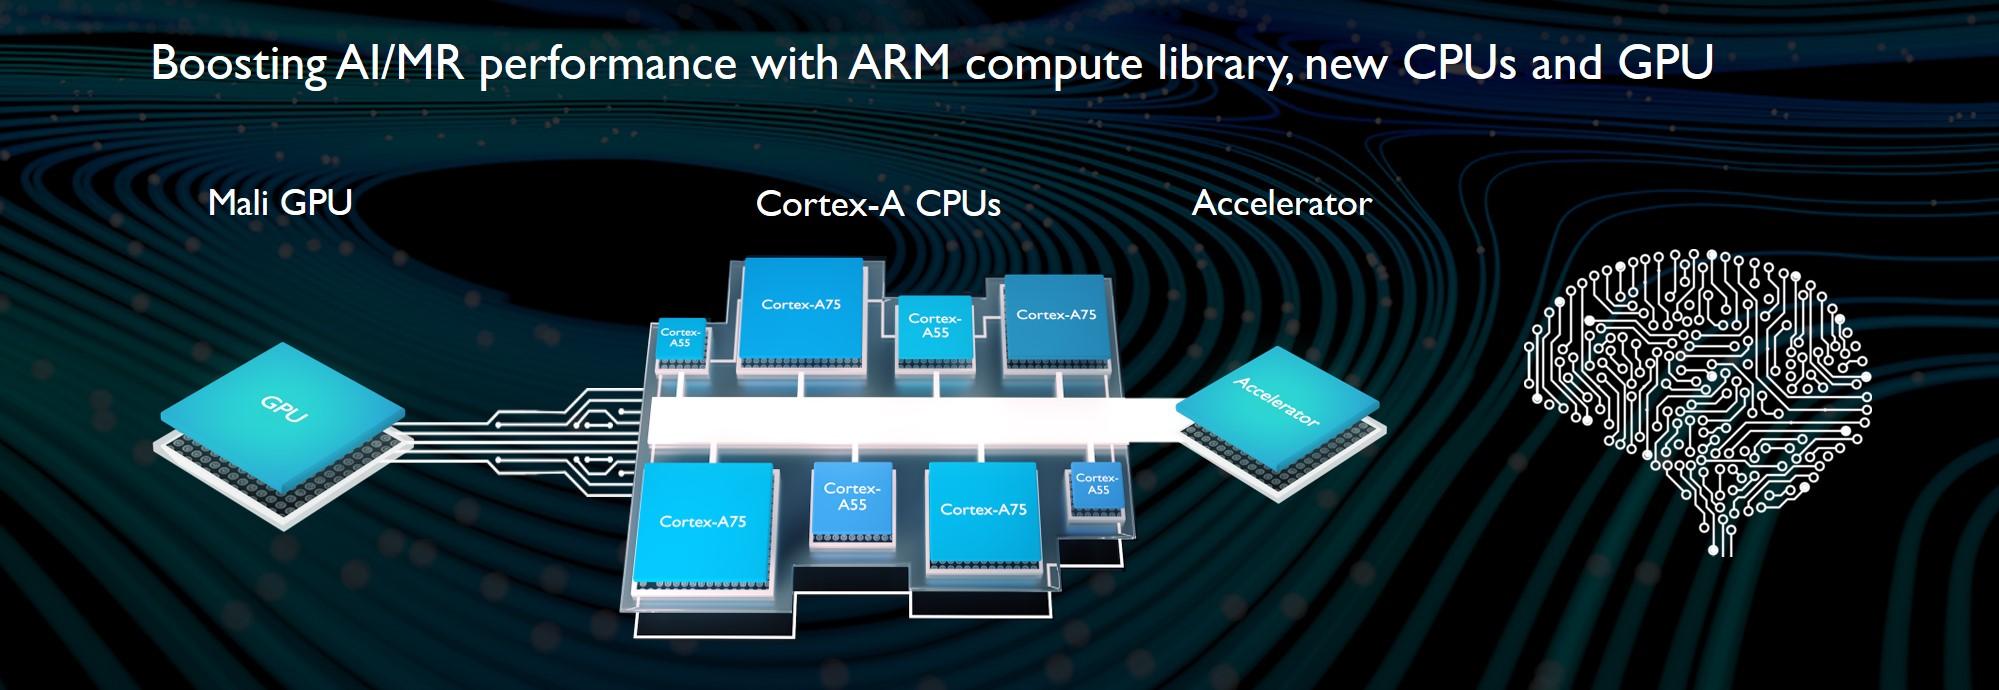 ARM AI